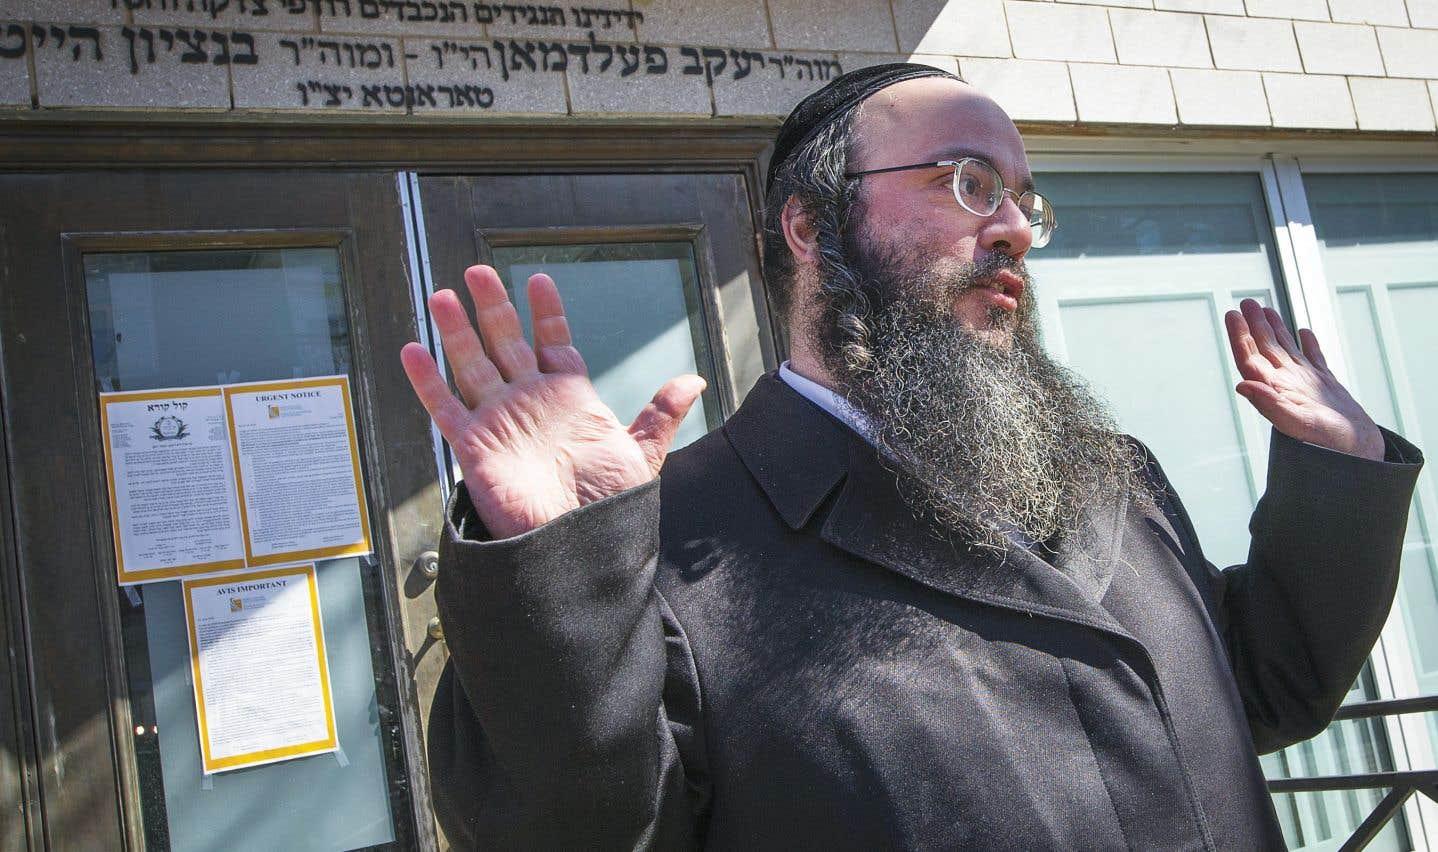 Malaise devant l'expansion de la communauté juive hassidique à Boisbriand